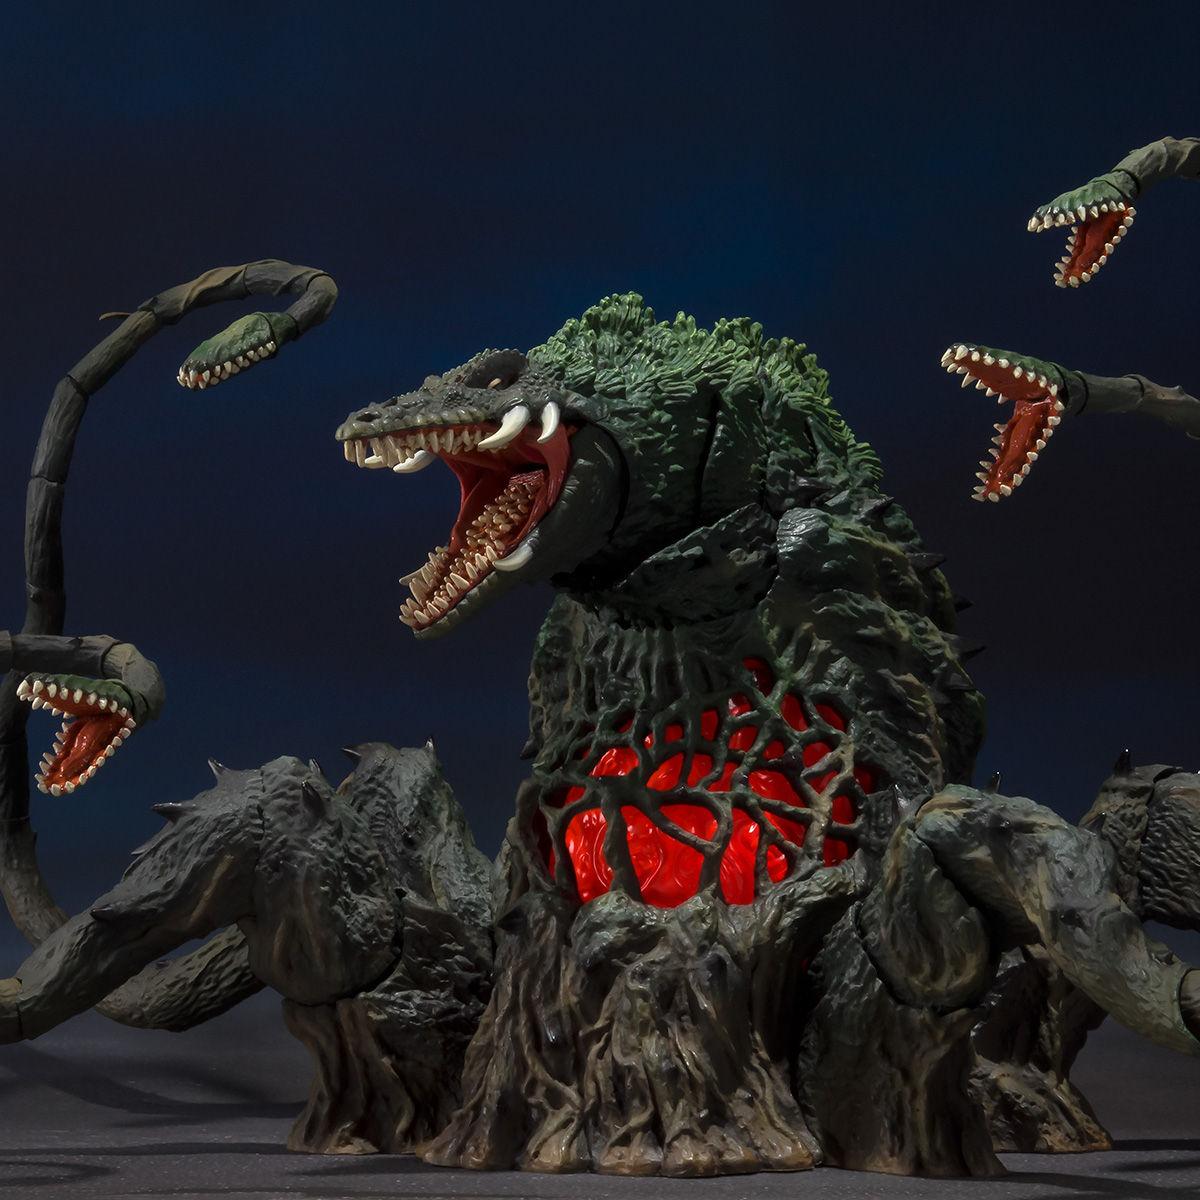 【限定販売】S.H.MonsterArts『ビオランテ Special Color Ver.』ゴジラvsビオランテ 可動フィギュア-001